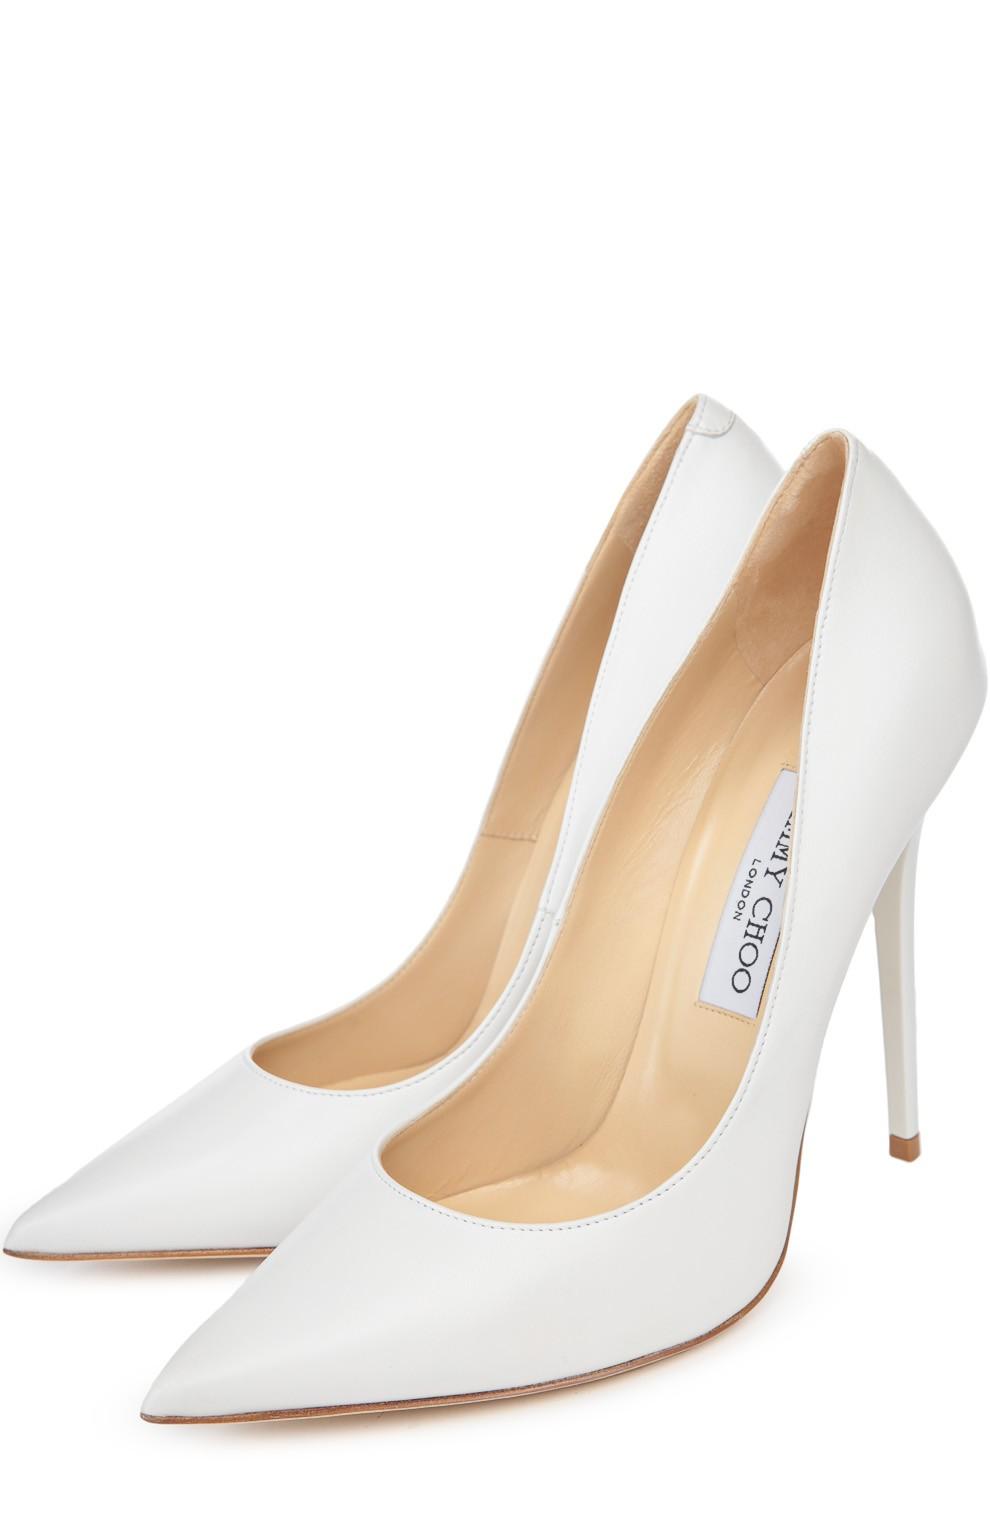 Коралловое платье с чем носить: туфли лодочки белые